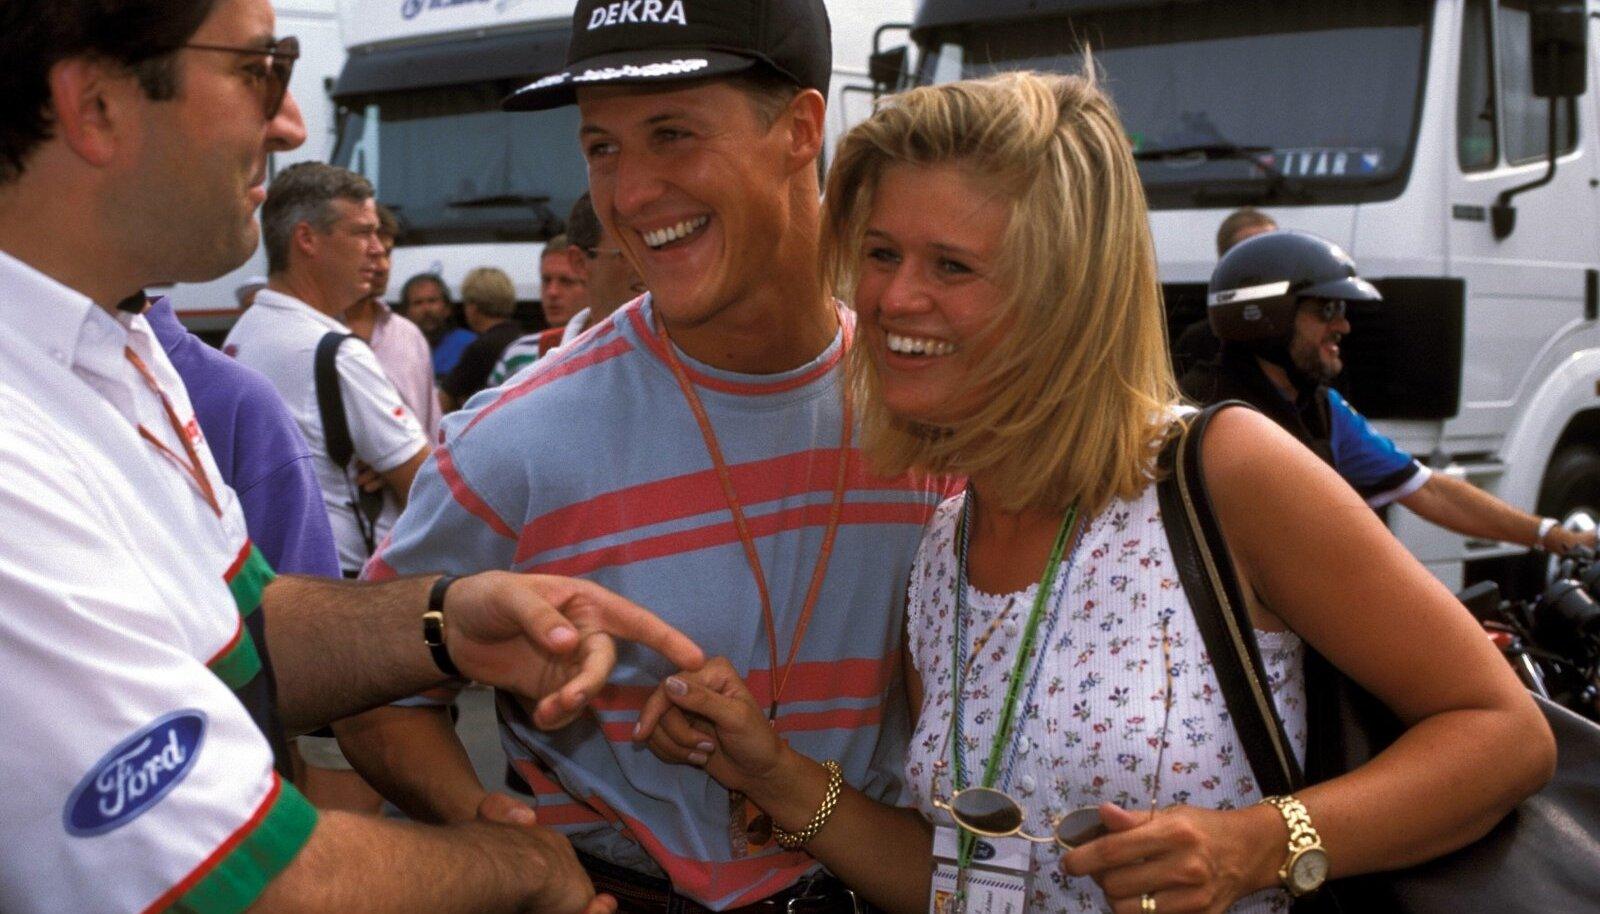 SEDA FILMIS EI NÄE: Sellel 1994. aastal tehtud pildil ei ole Michael Schumacher ja Corinna Betsch veel abiellunud. Corinna oli esiti hoopis Michaeli tiimikaaslase ja konkurendi Heinz-Harald Frentzeni pruut.